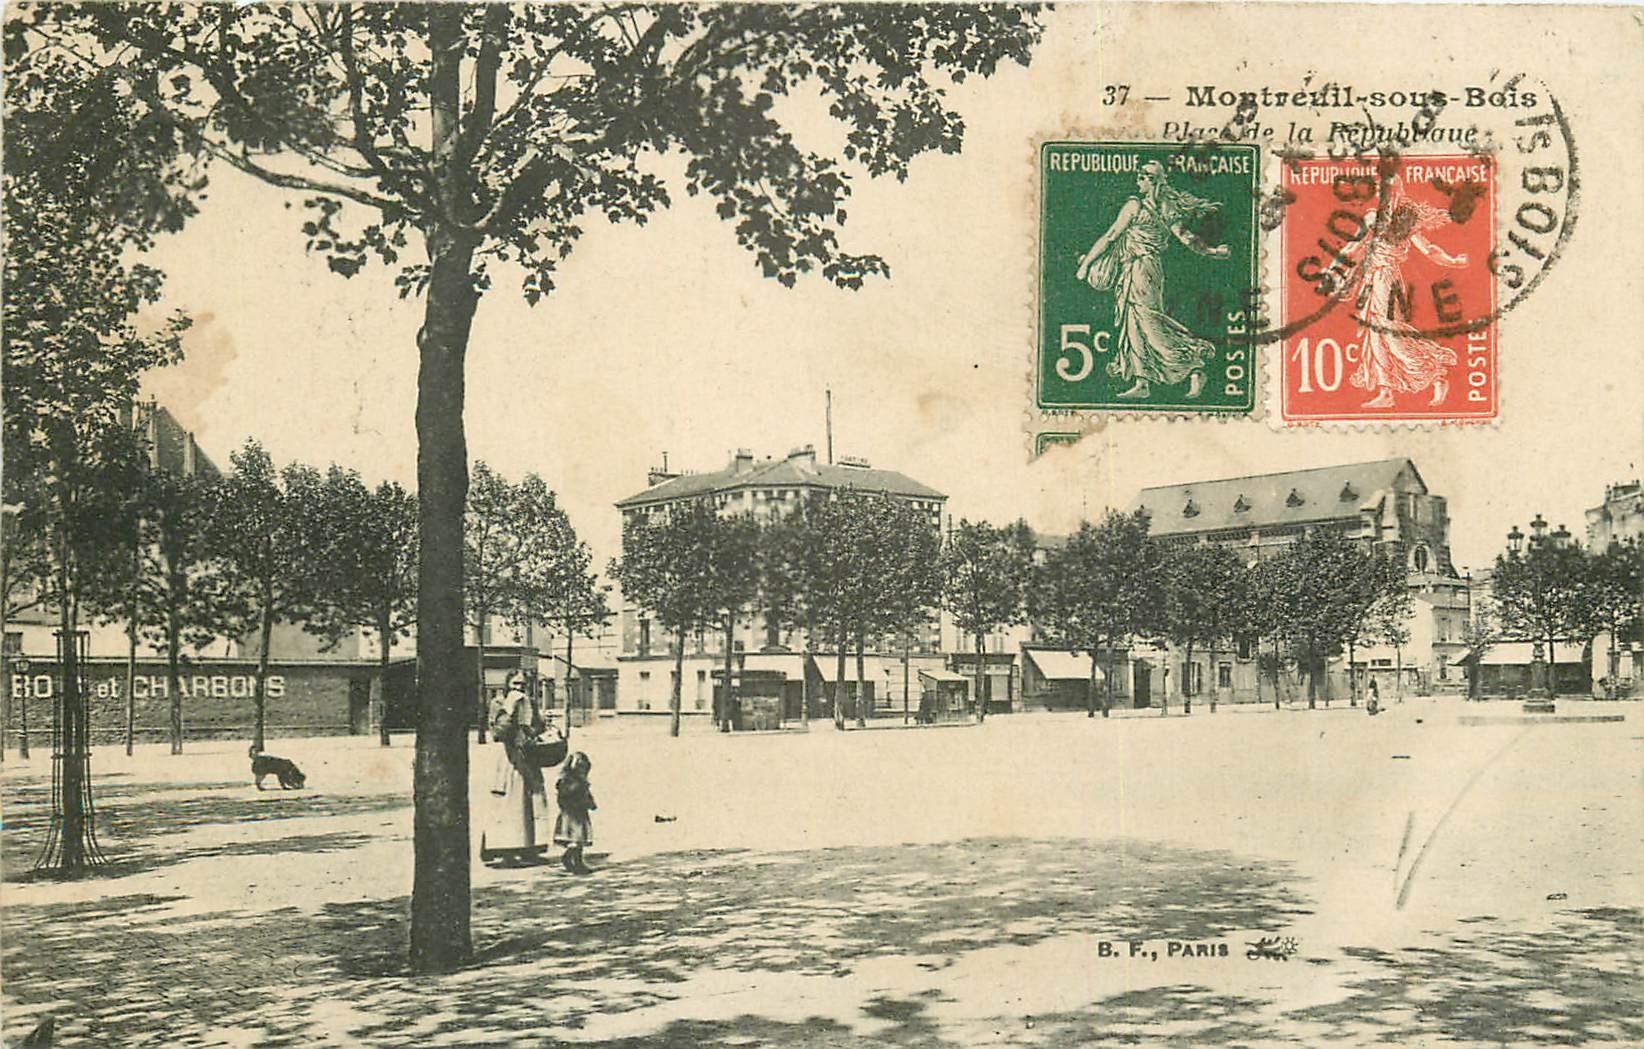 93 MONTREUIL-SOUS-BOIS. Place de la République vers 1923